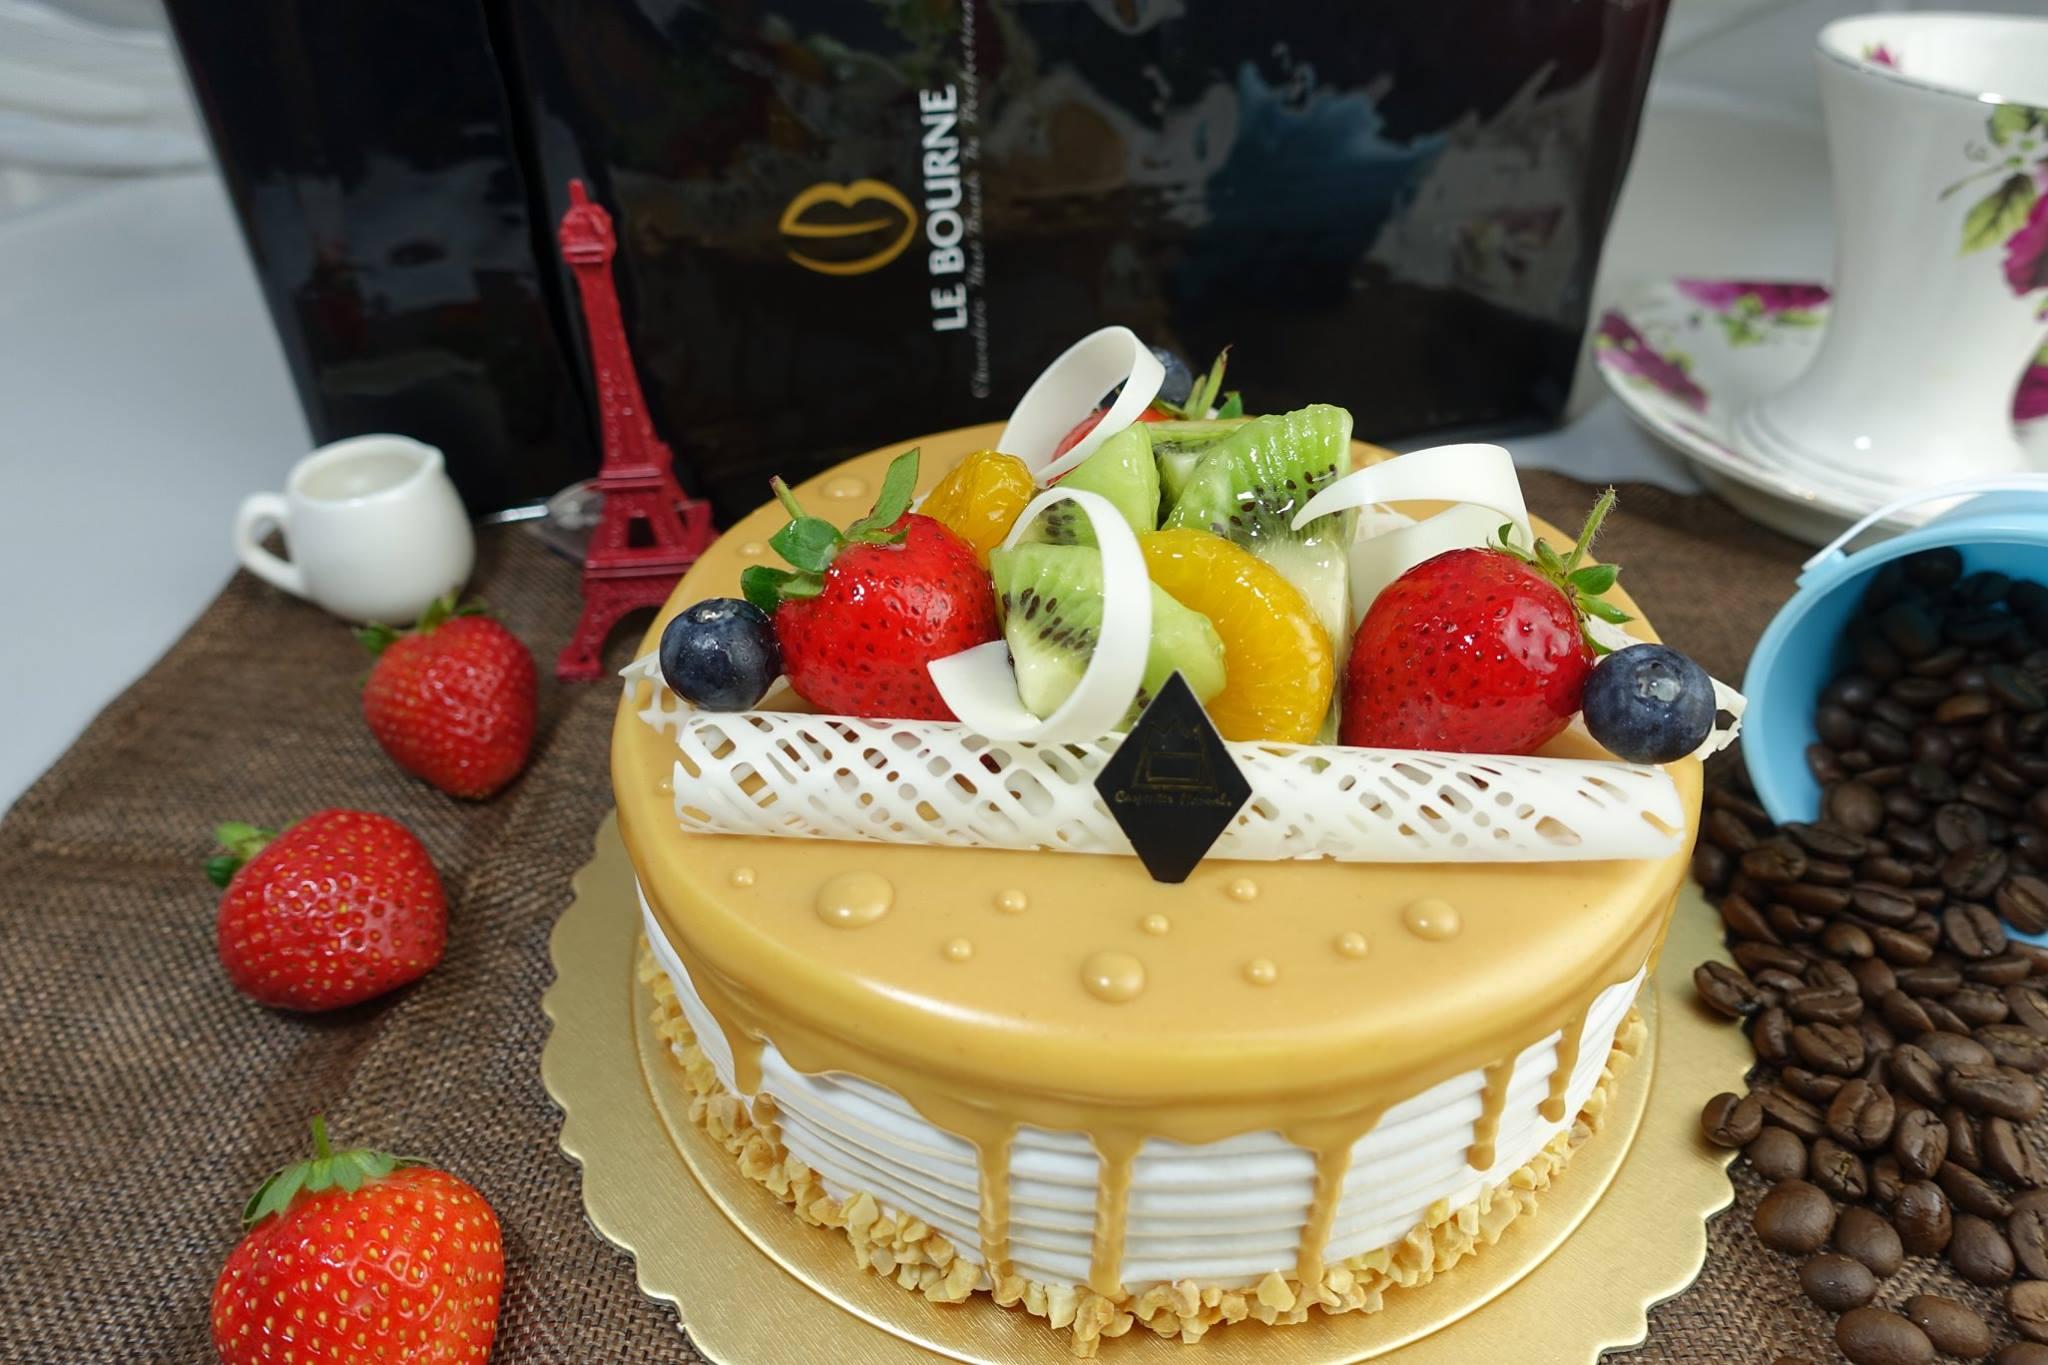 木匠手作★客製化生日蛋糕(8吋) 3